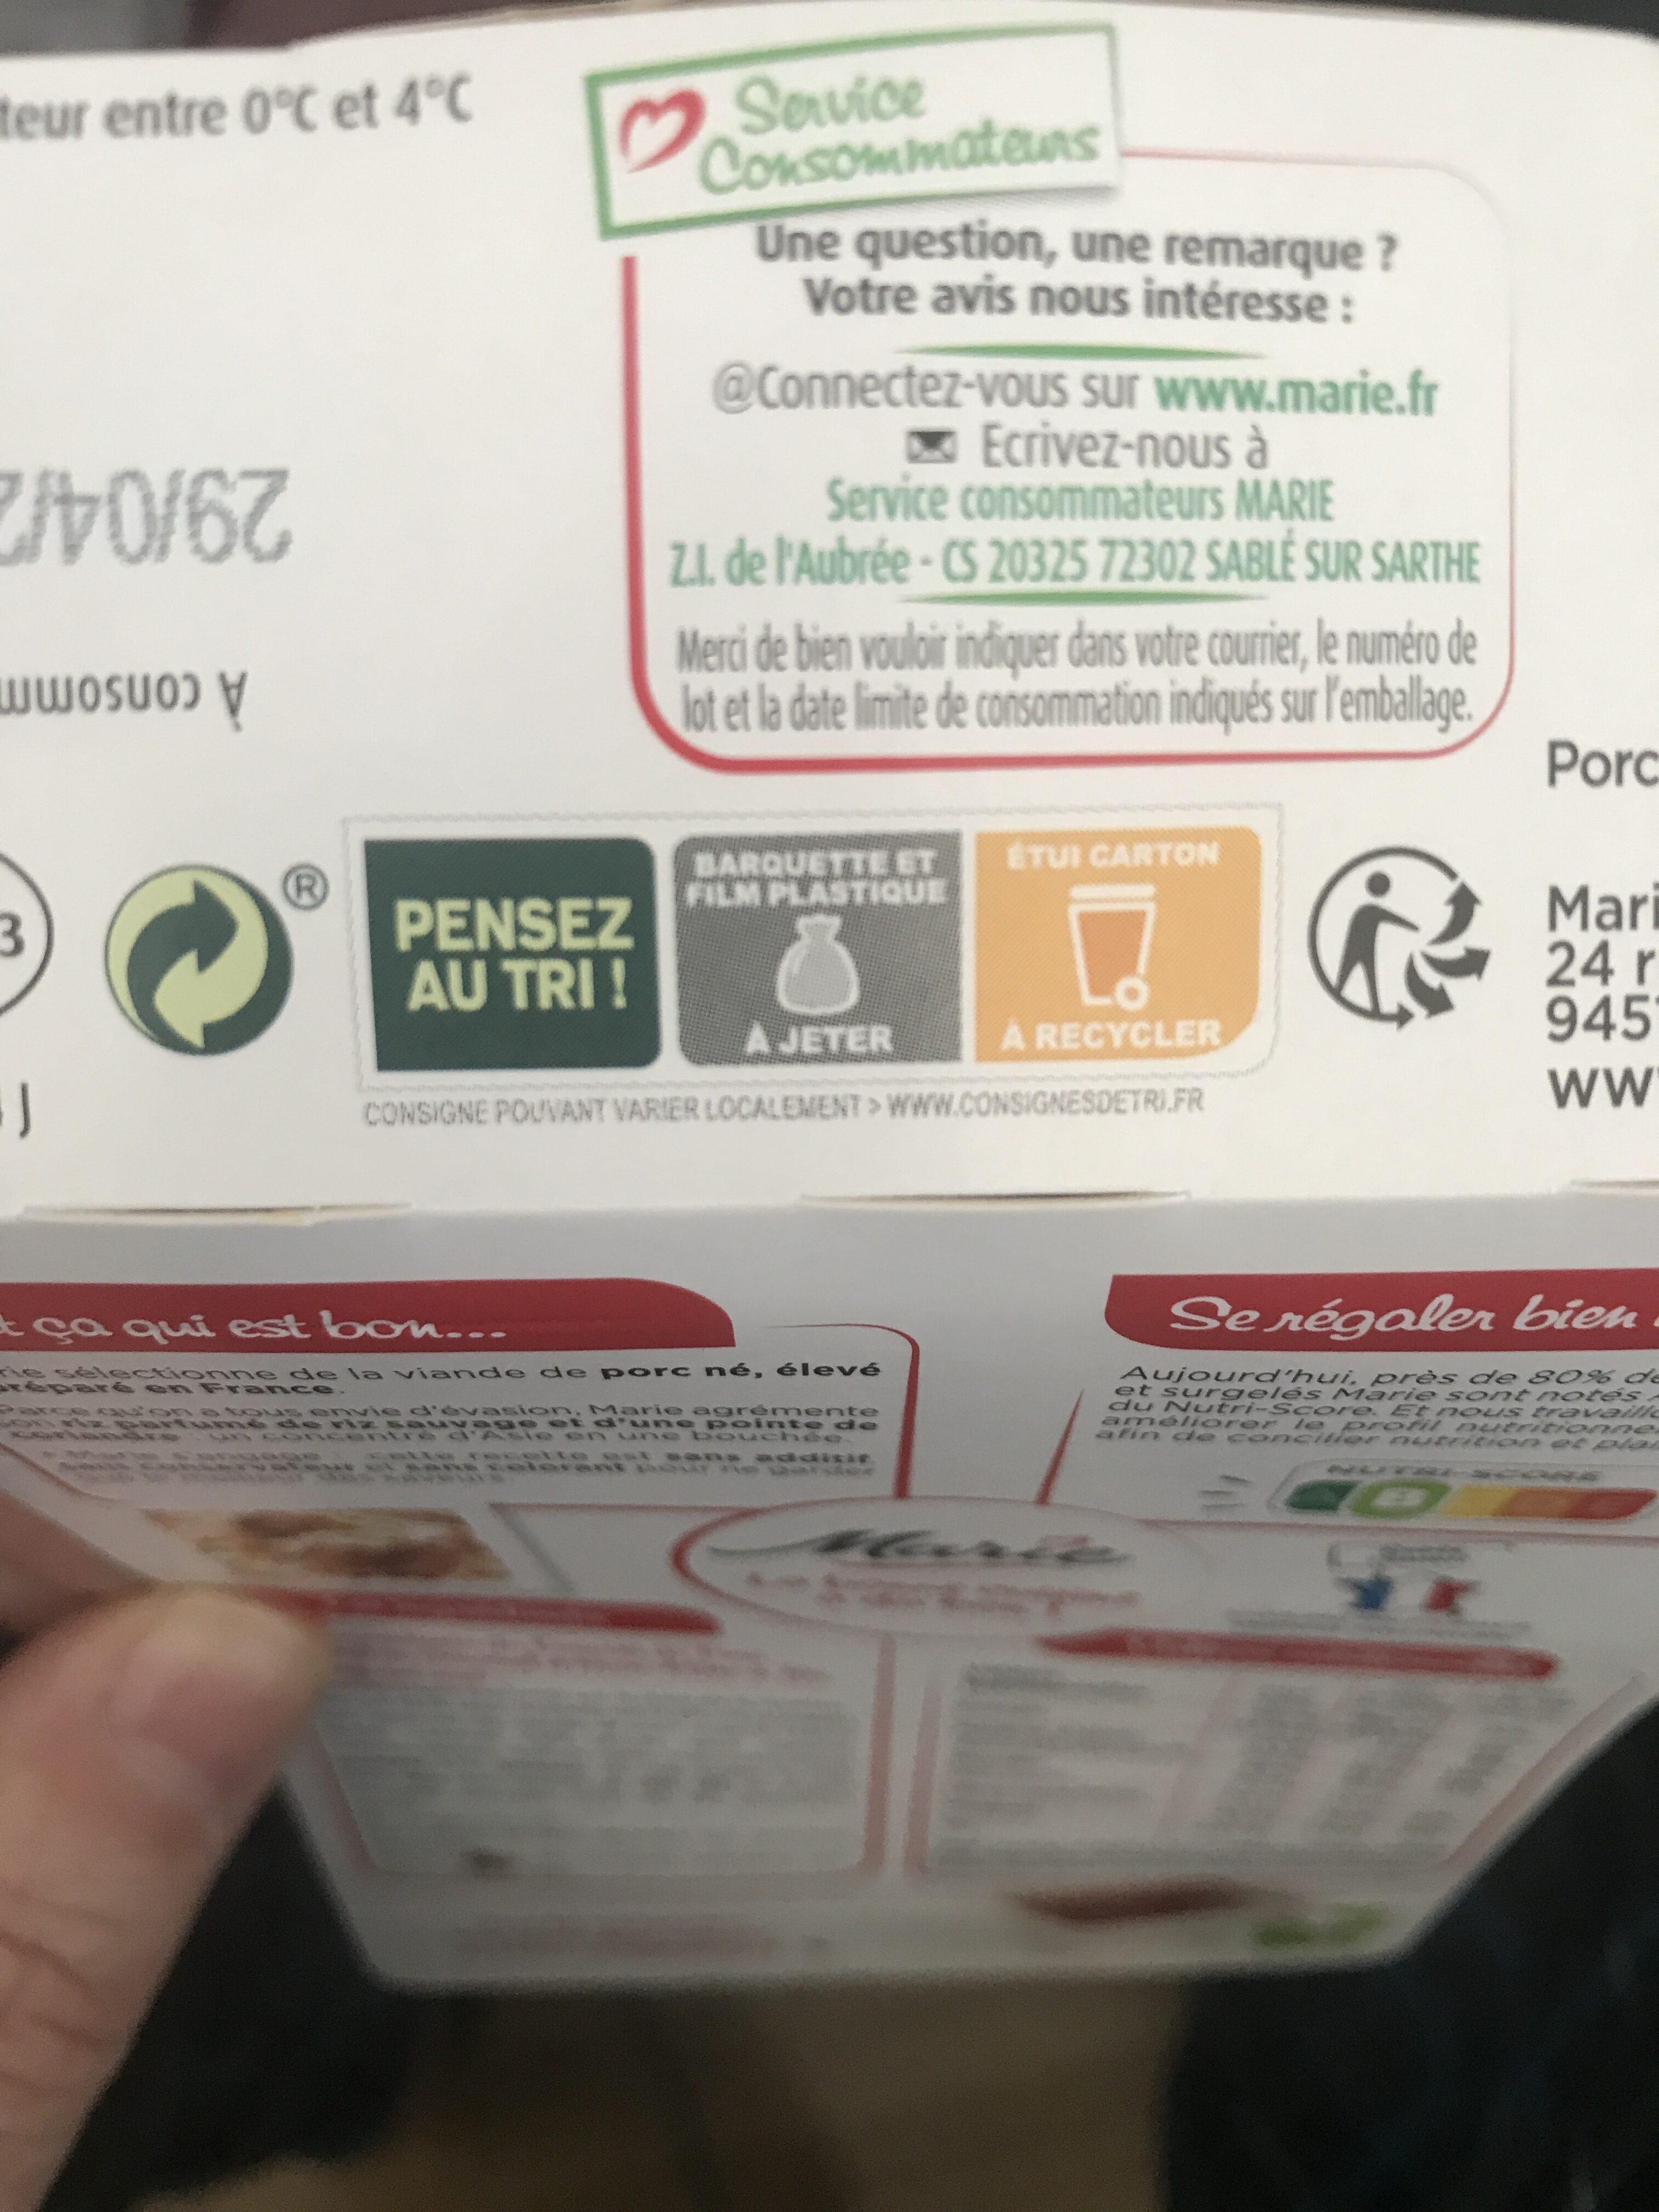 Porc au caramel - Instruction de recyclage et/ou informations d'emballage - fr